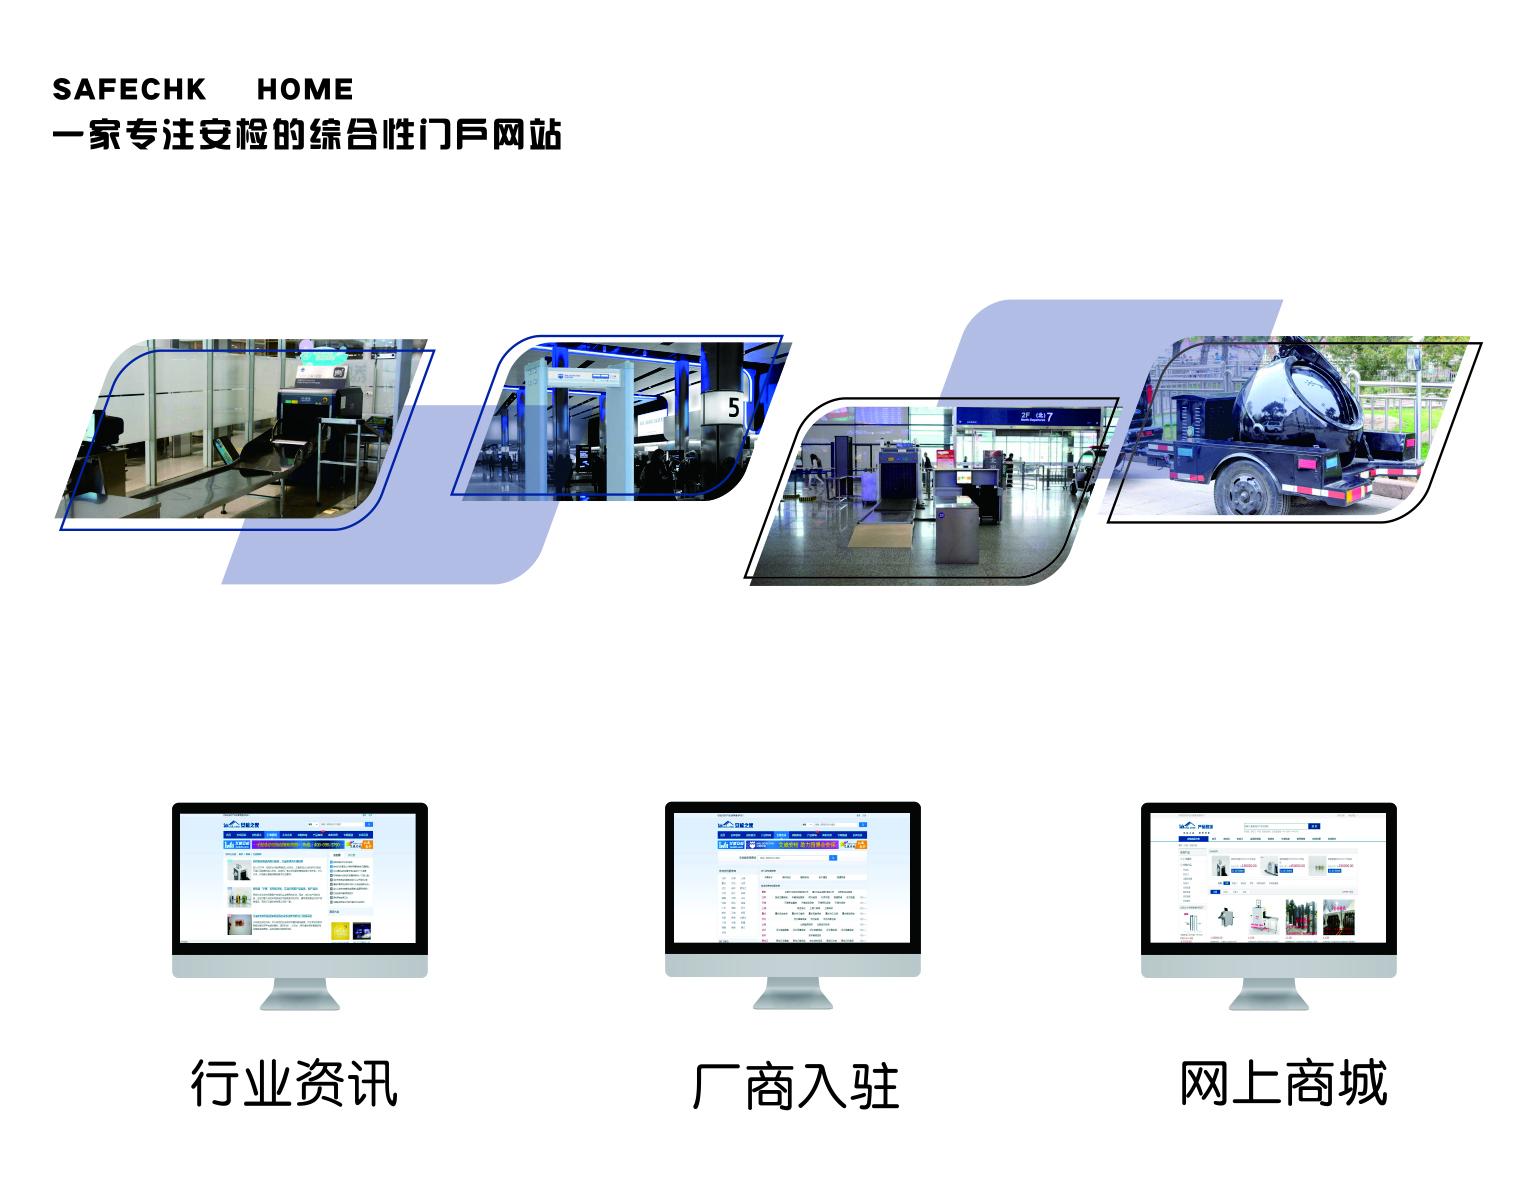 <a href=http://www.safechk.com target=_blank class=infotextkey>安检</a>之家彩色广告130190-1.jpg